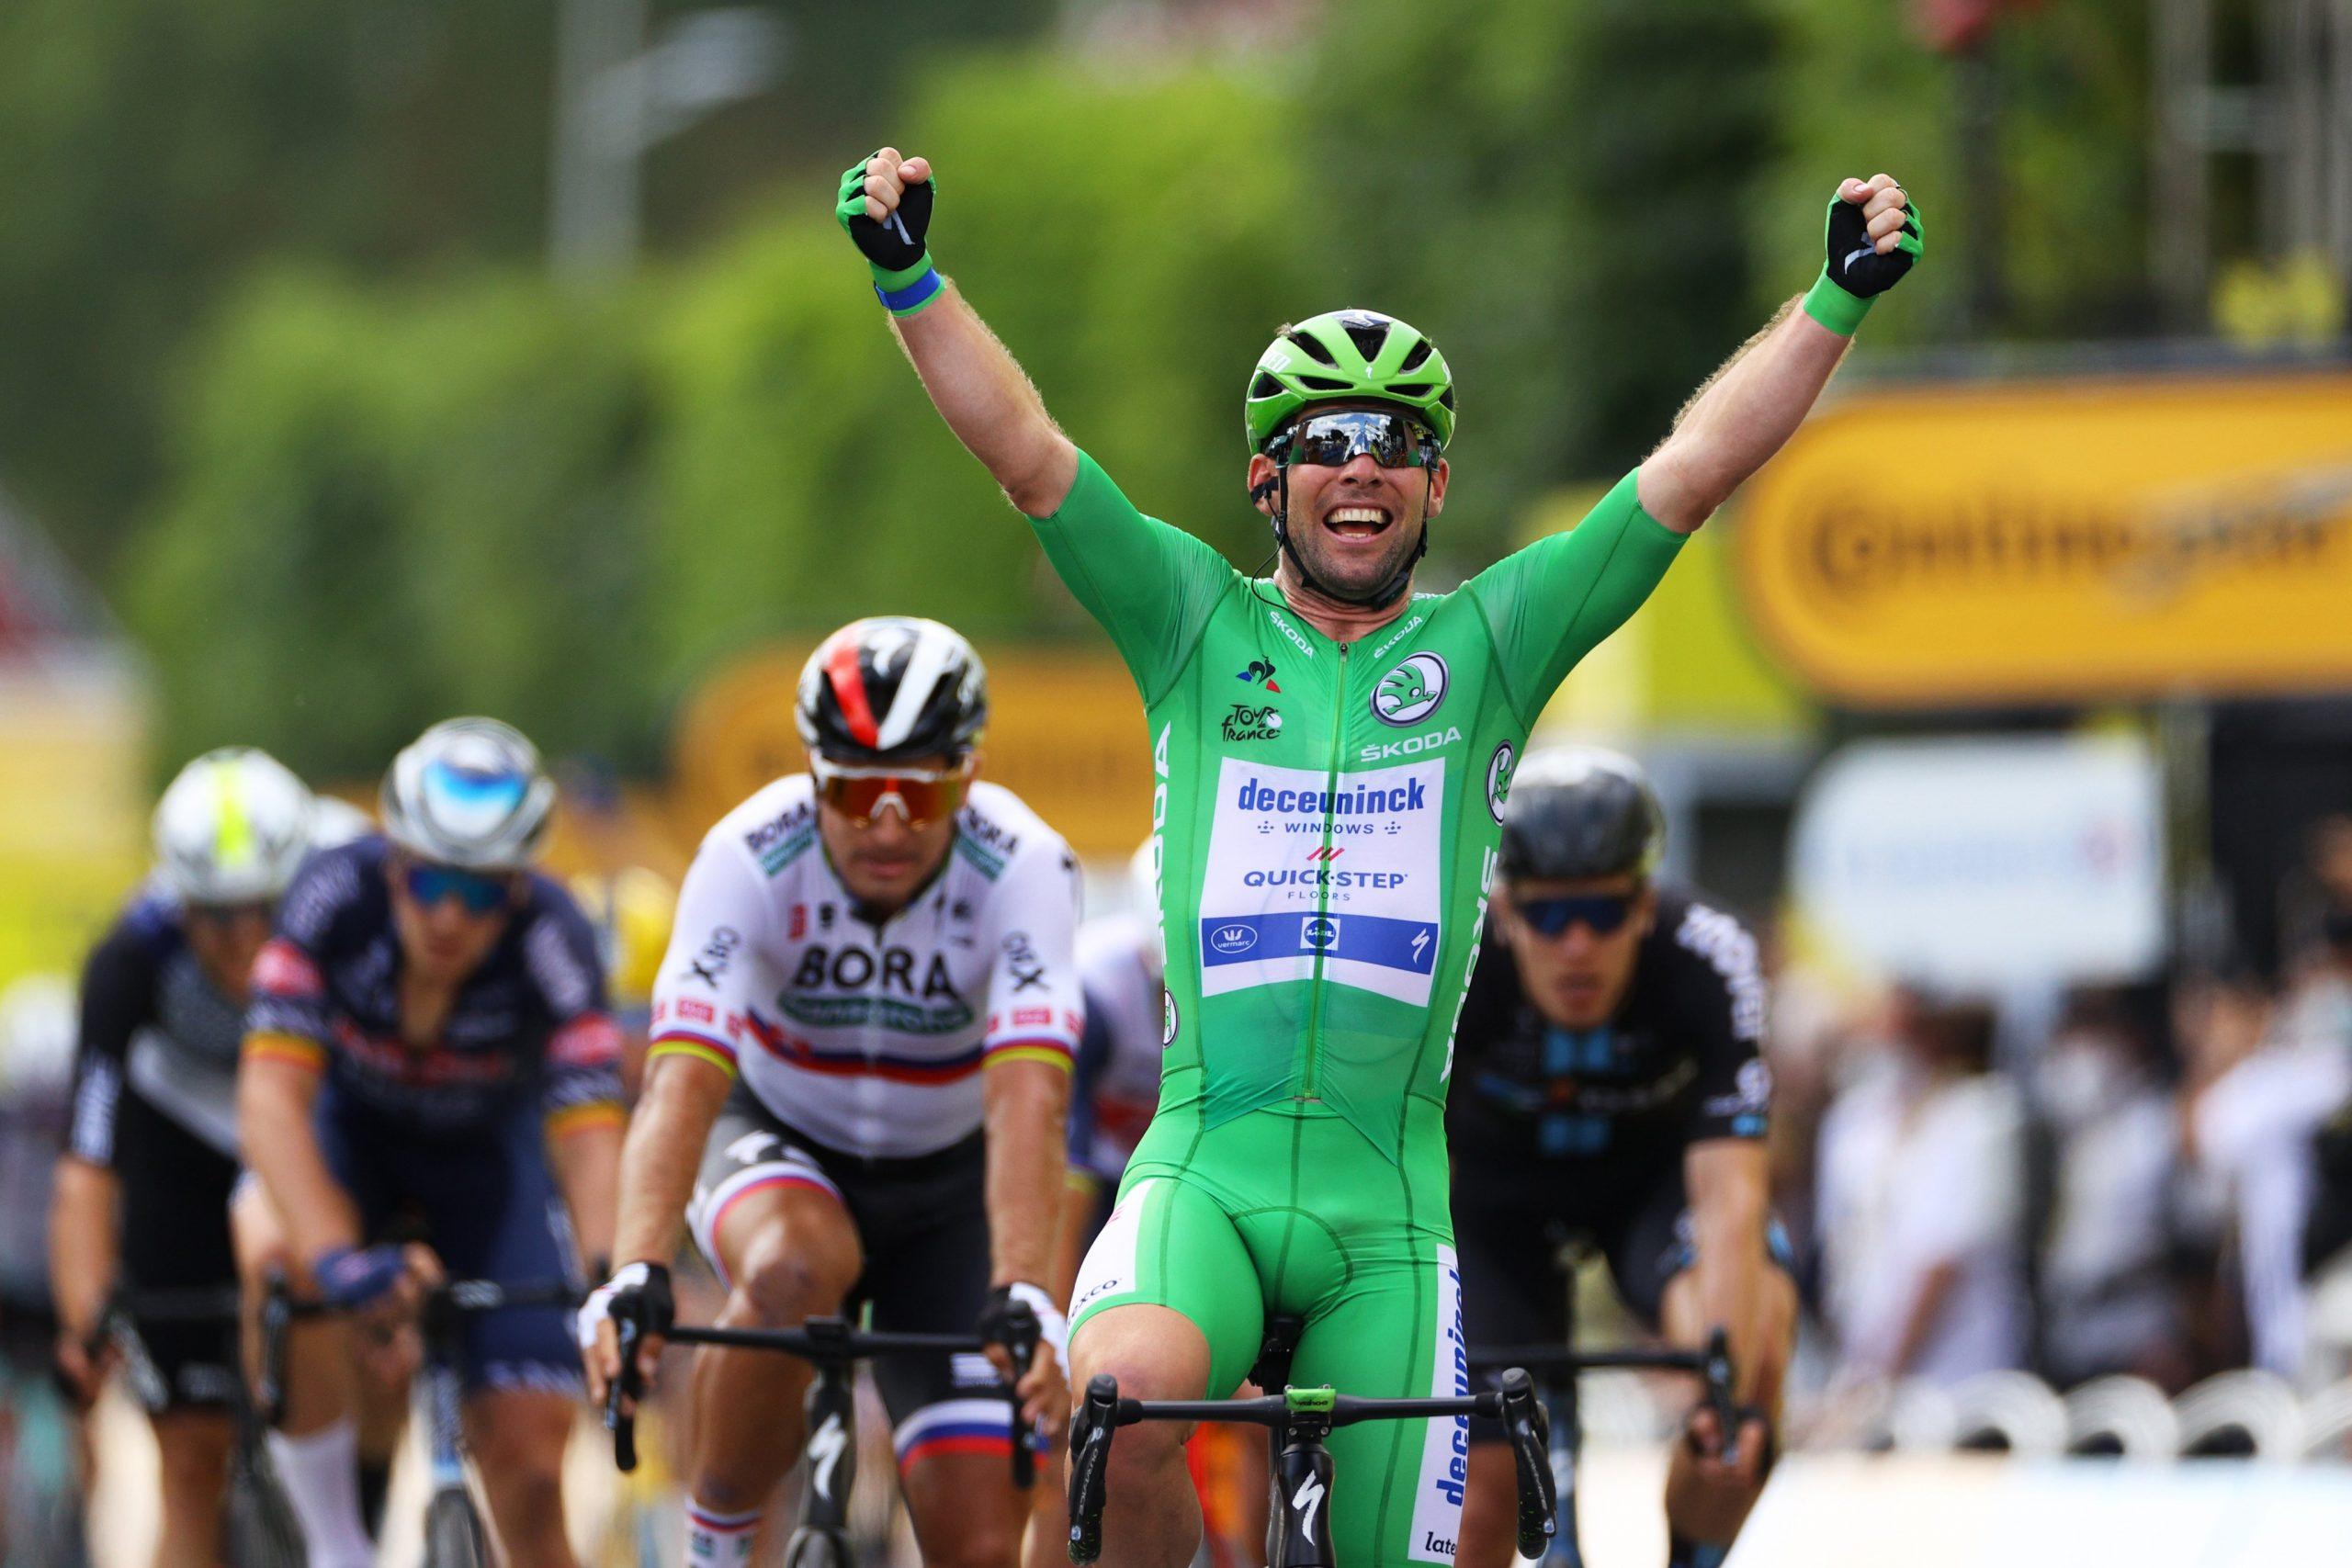 TdF 2021: Cavendish vince la 10^ tappa e dice 33